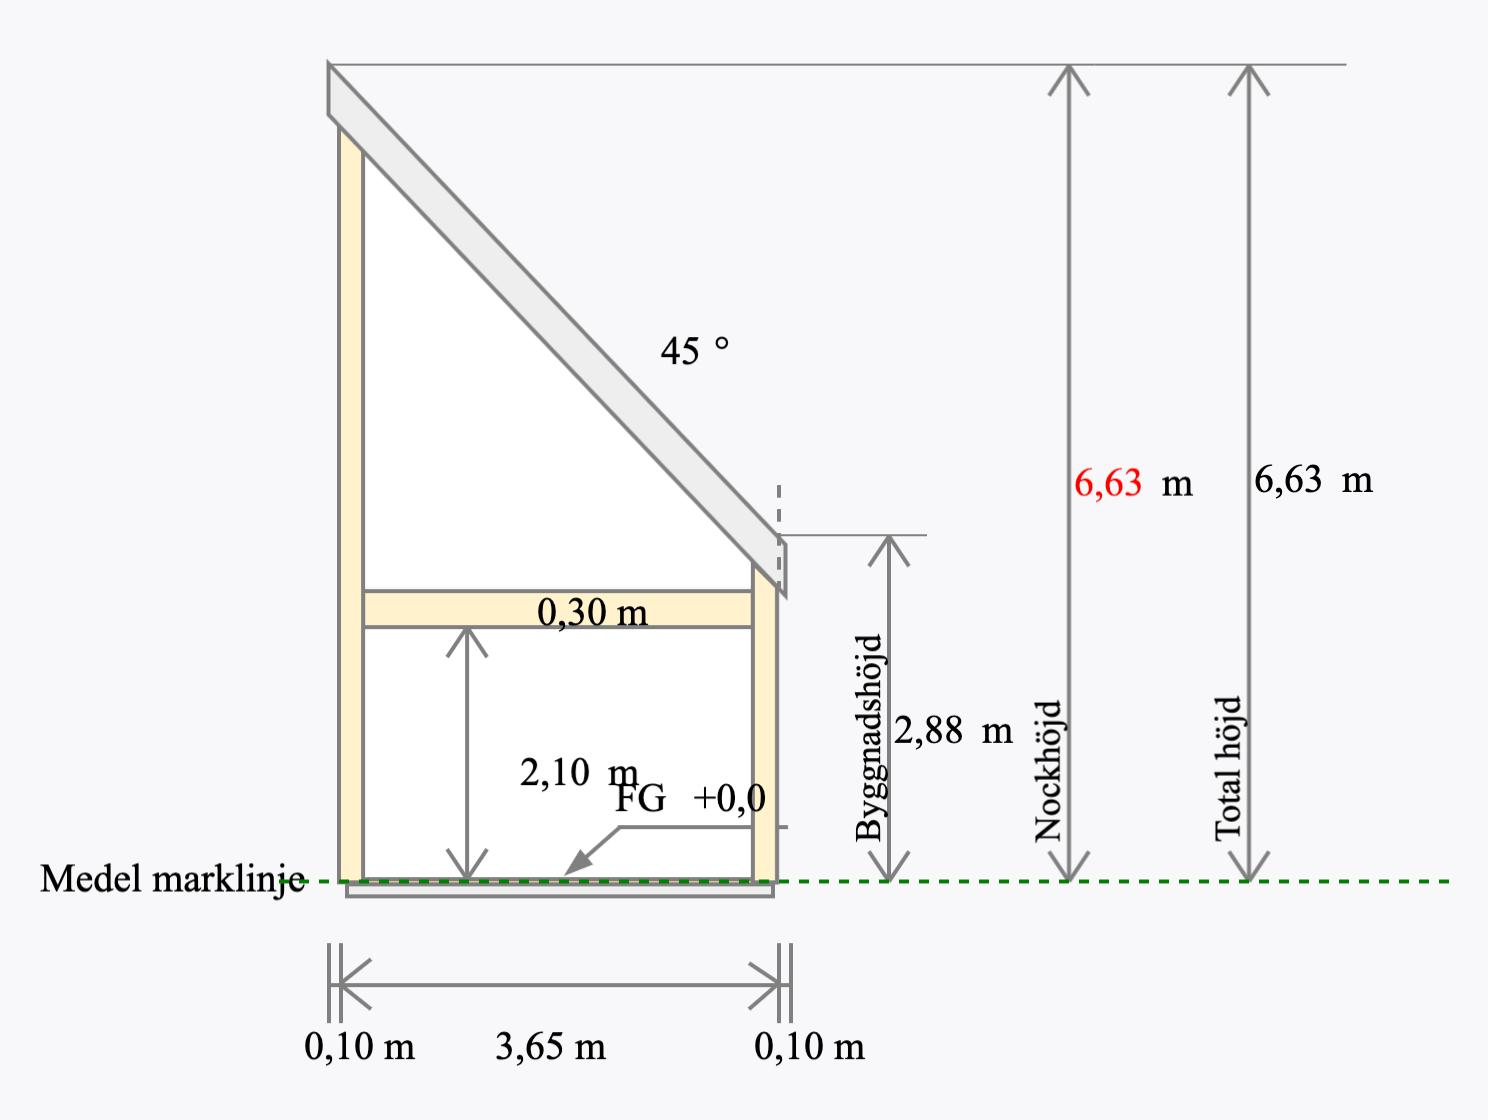 Sektionsritning av ett uppritat attefallshus